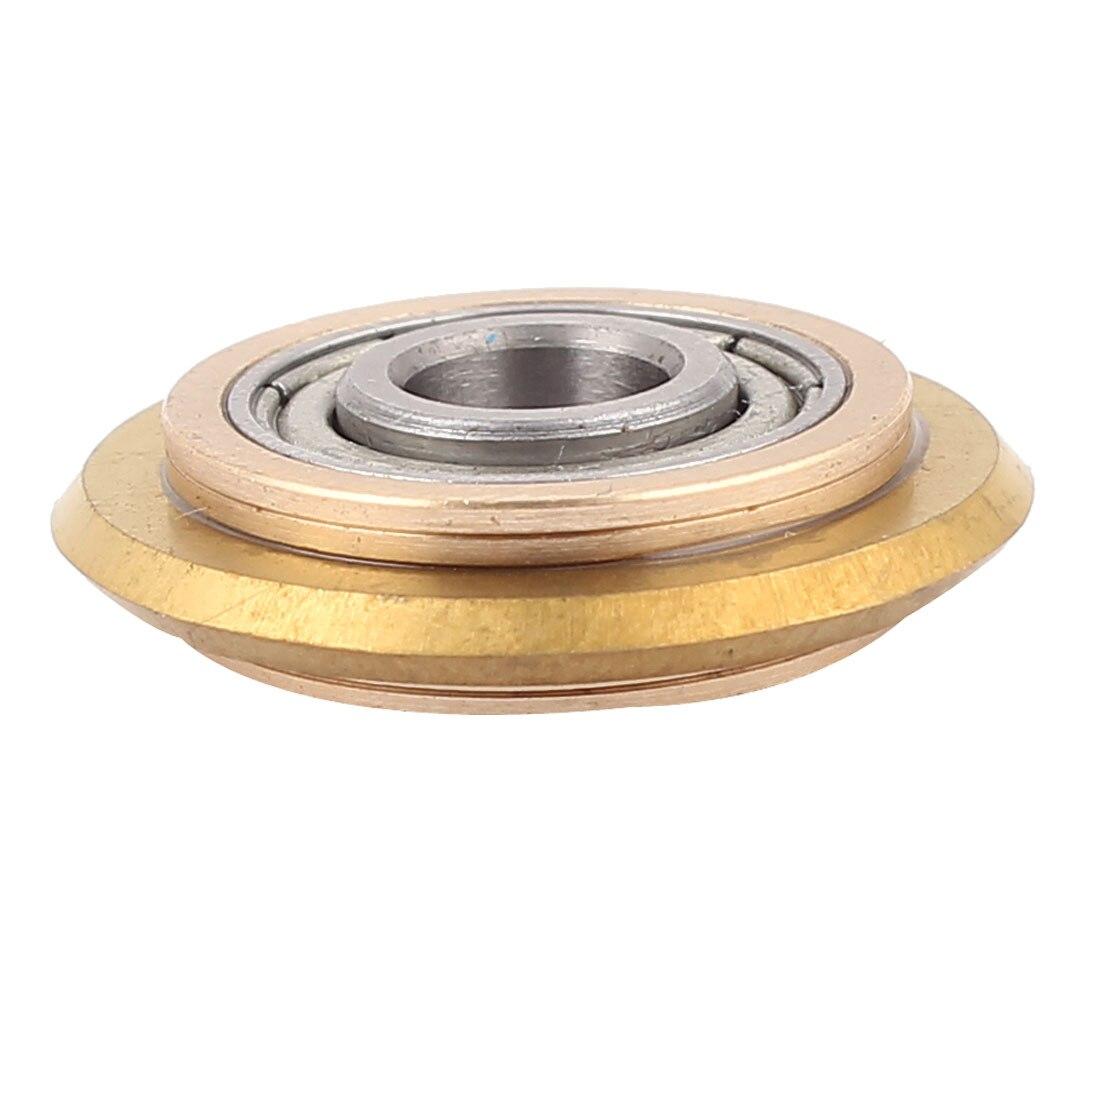 Купить uxcell титановое покрытие роторный подшипник режущее колесо